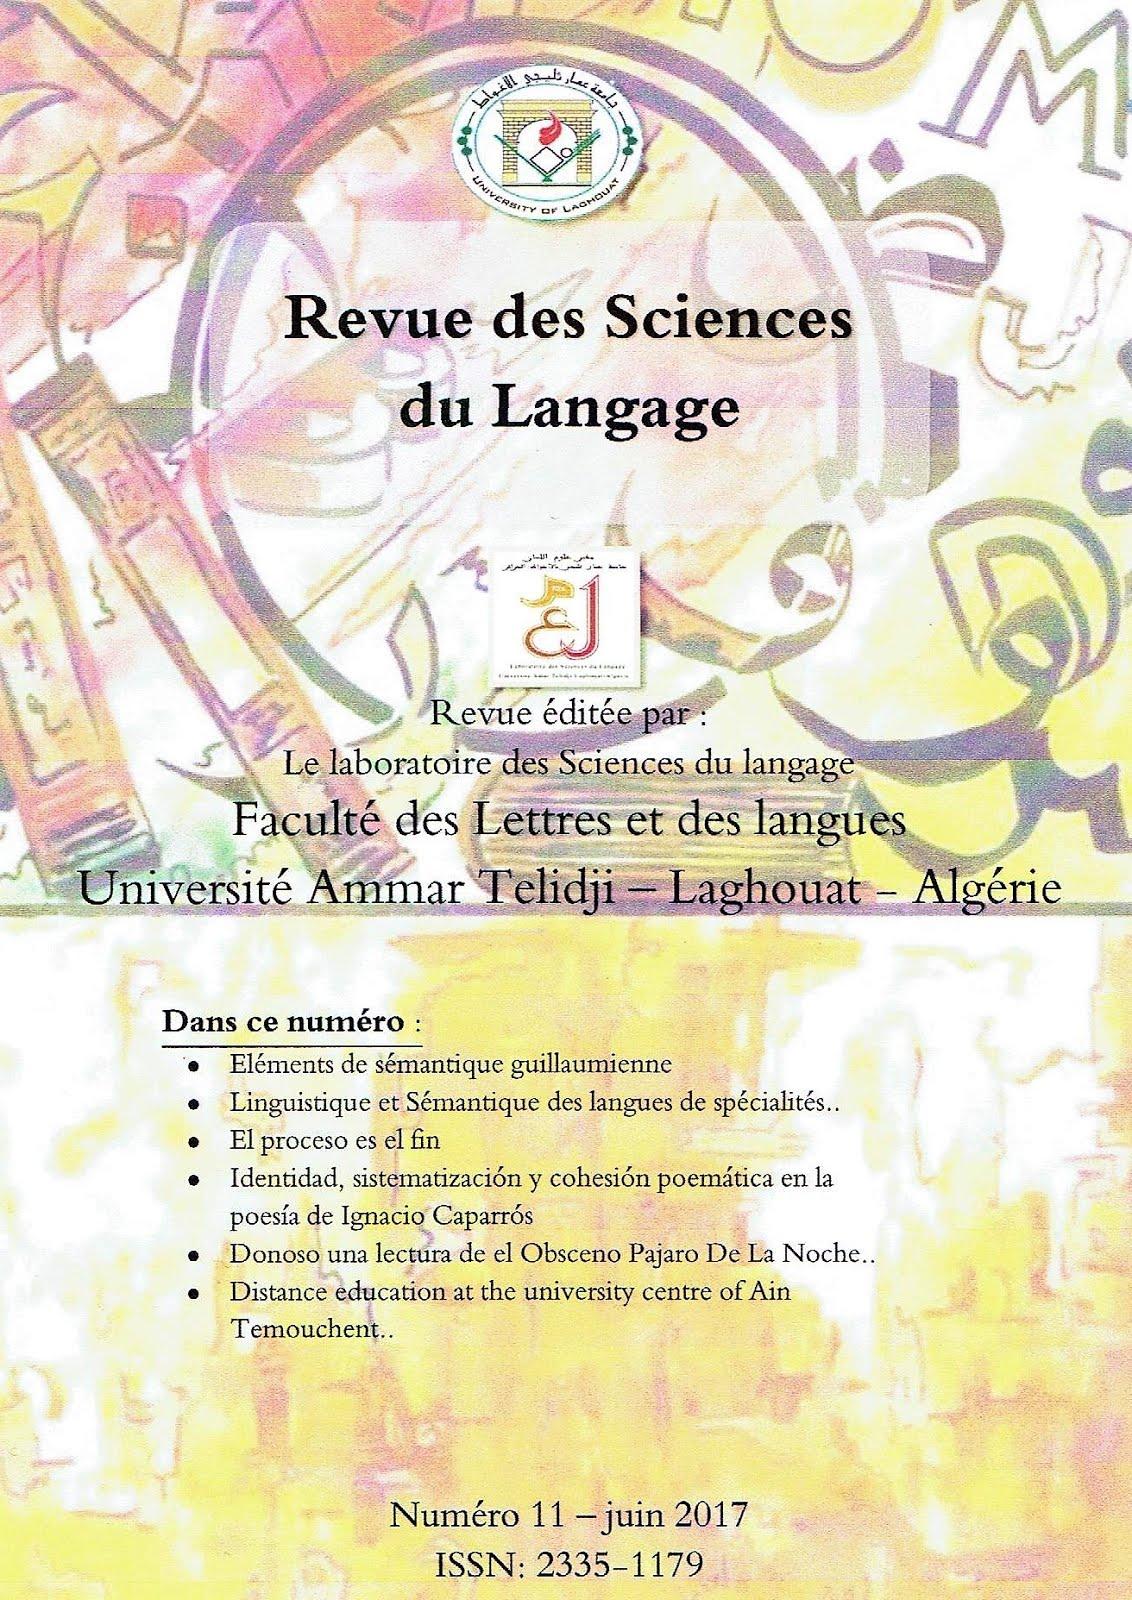 REVUE DES SCIENCES DU LANGAGE Nº 11